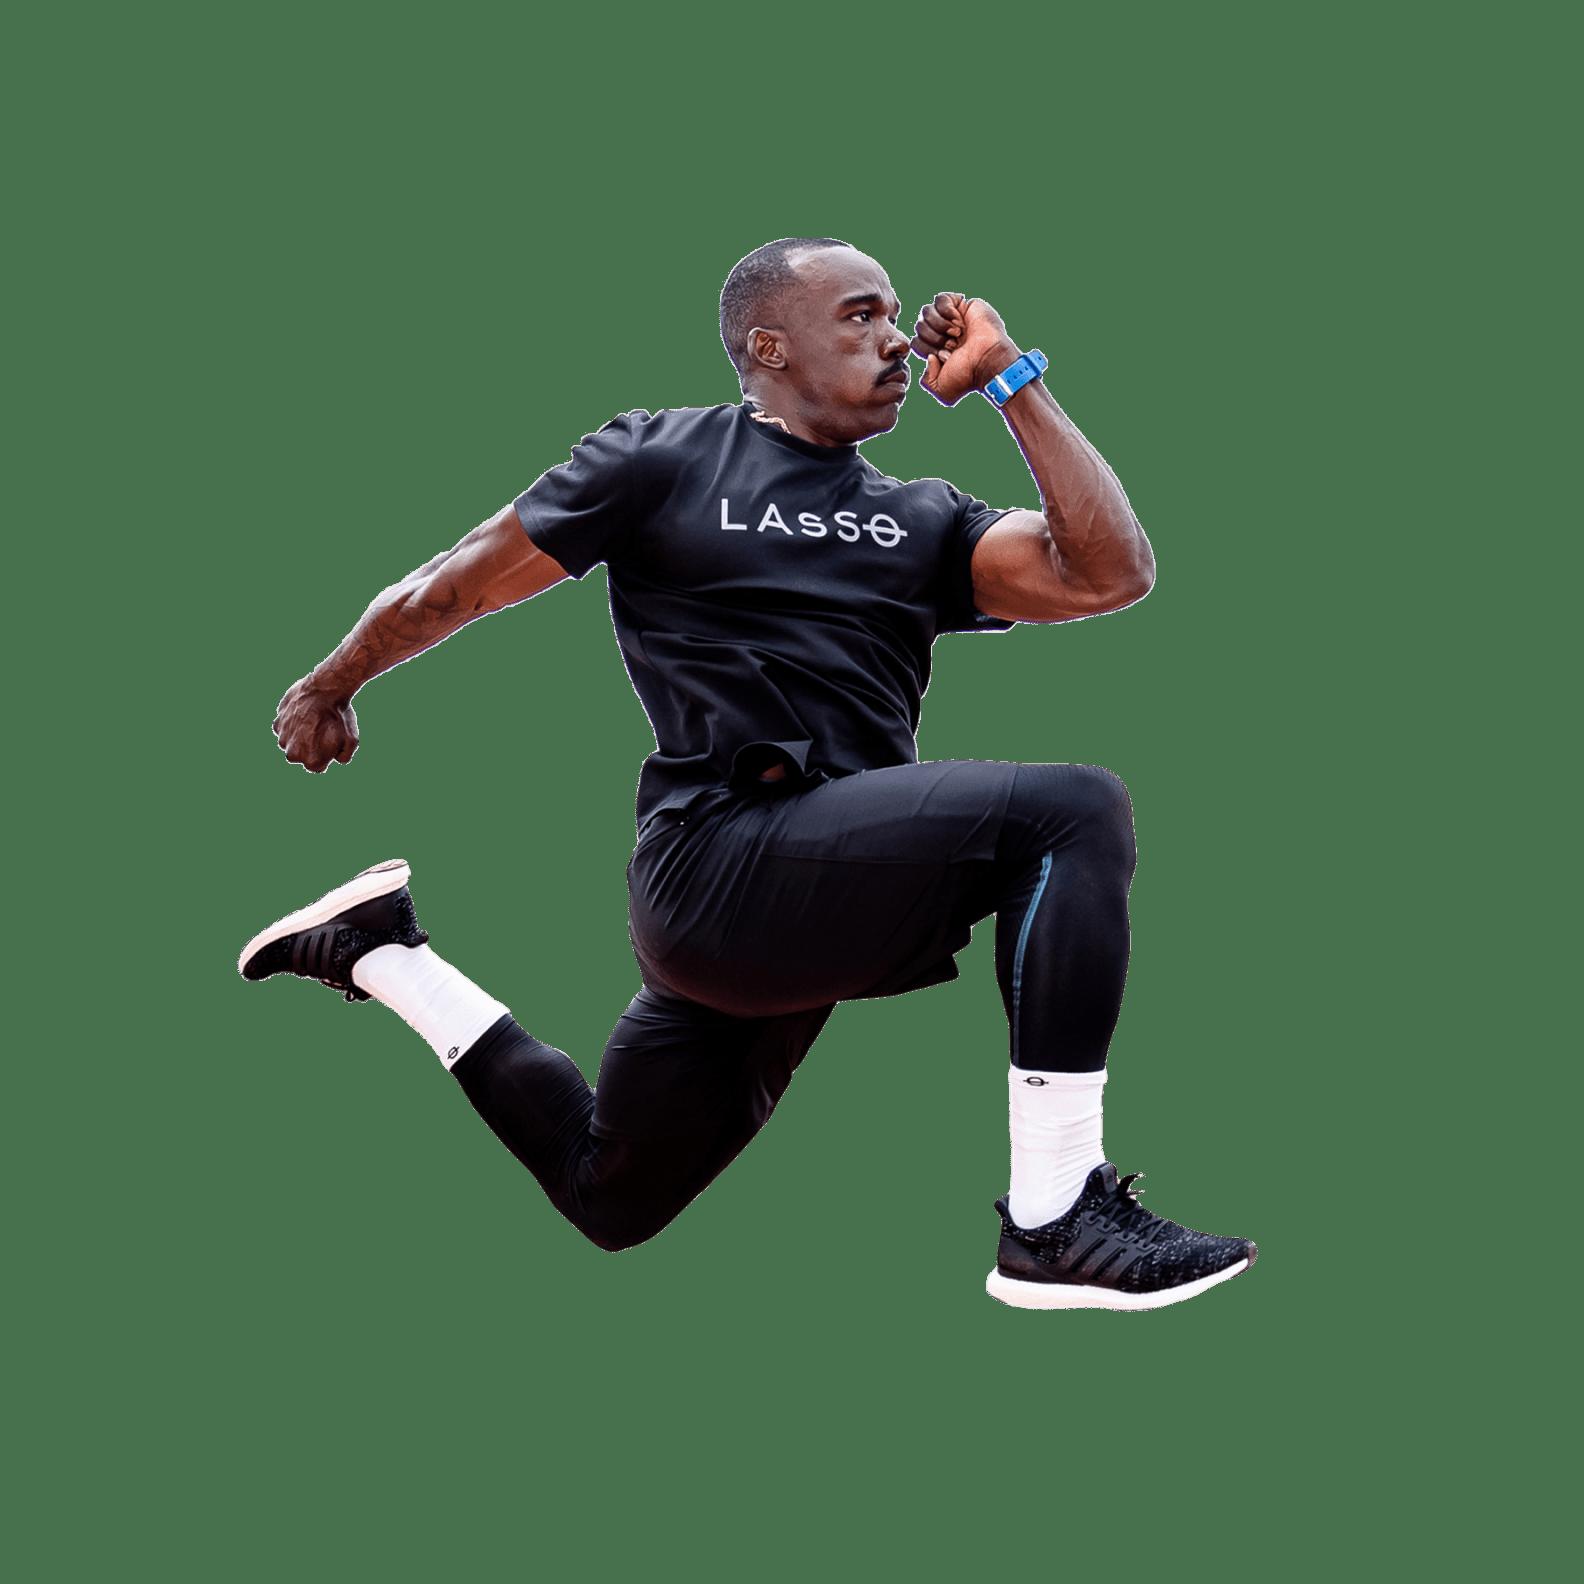 Lasso Runner